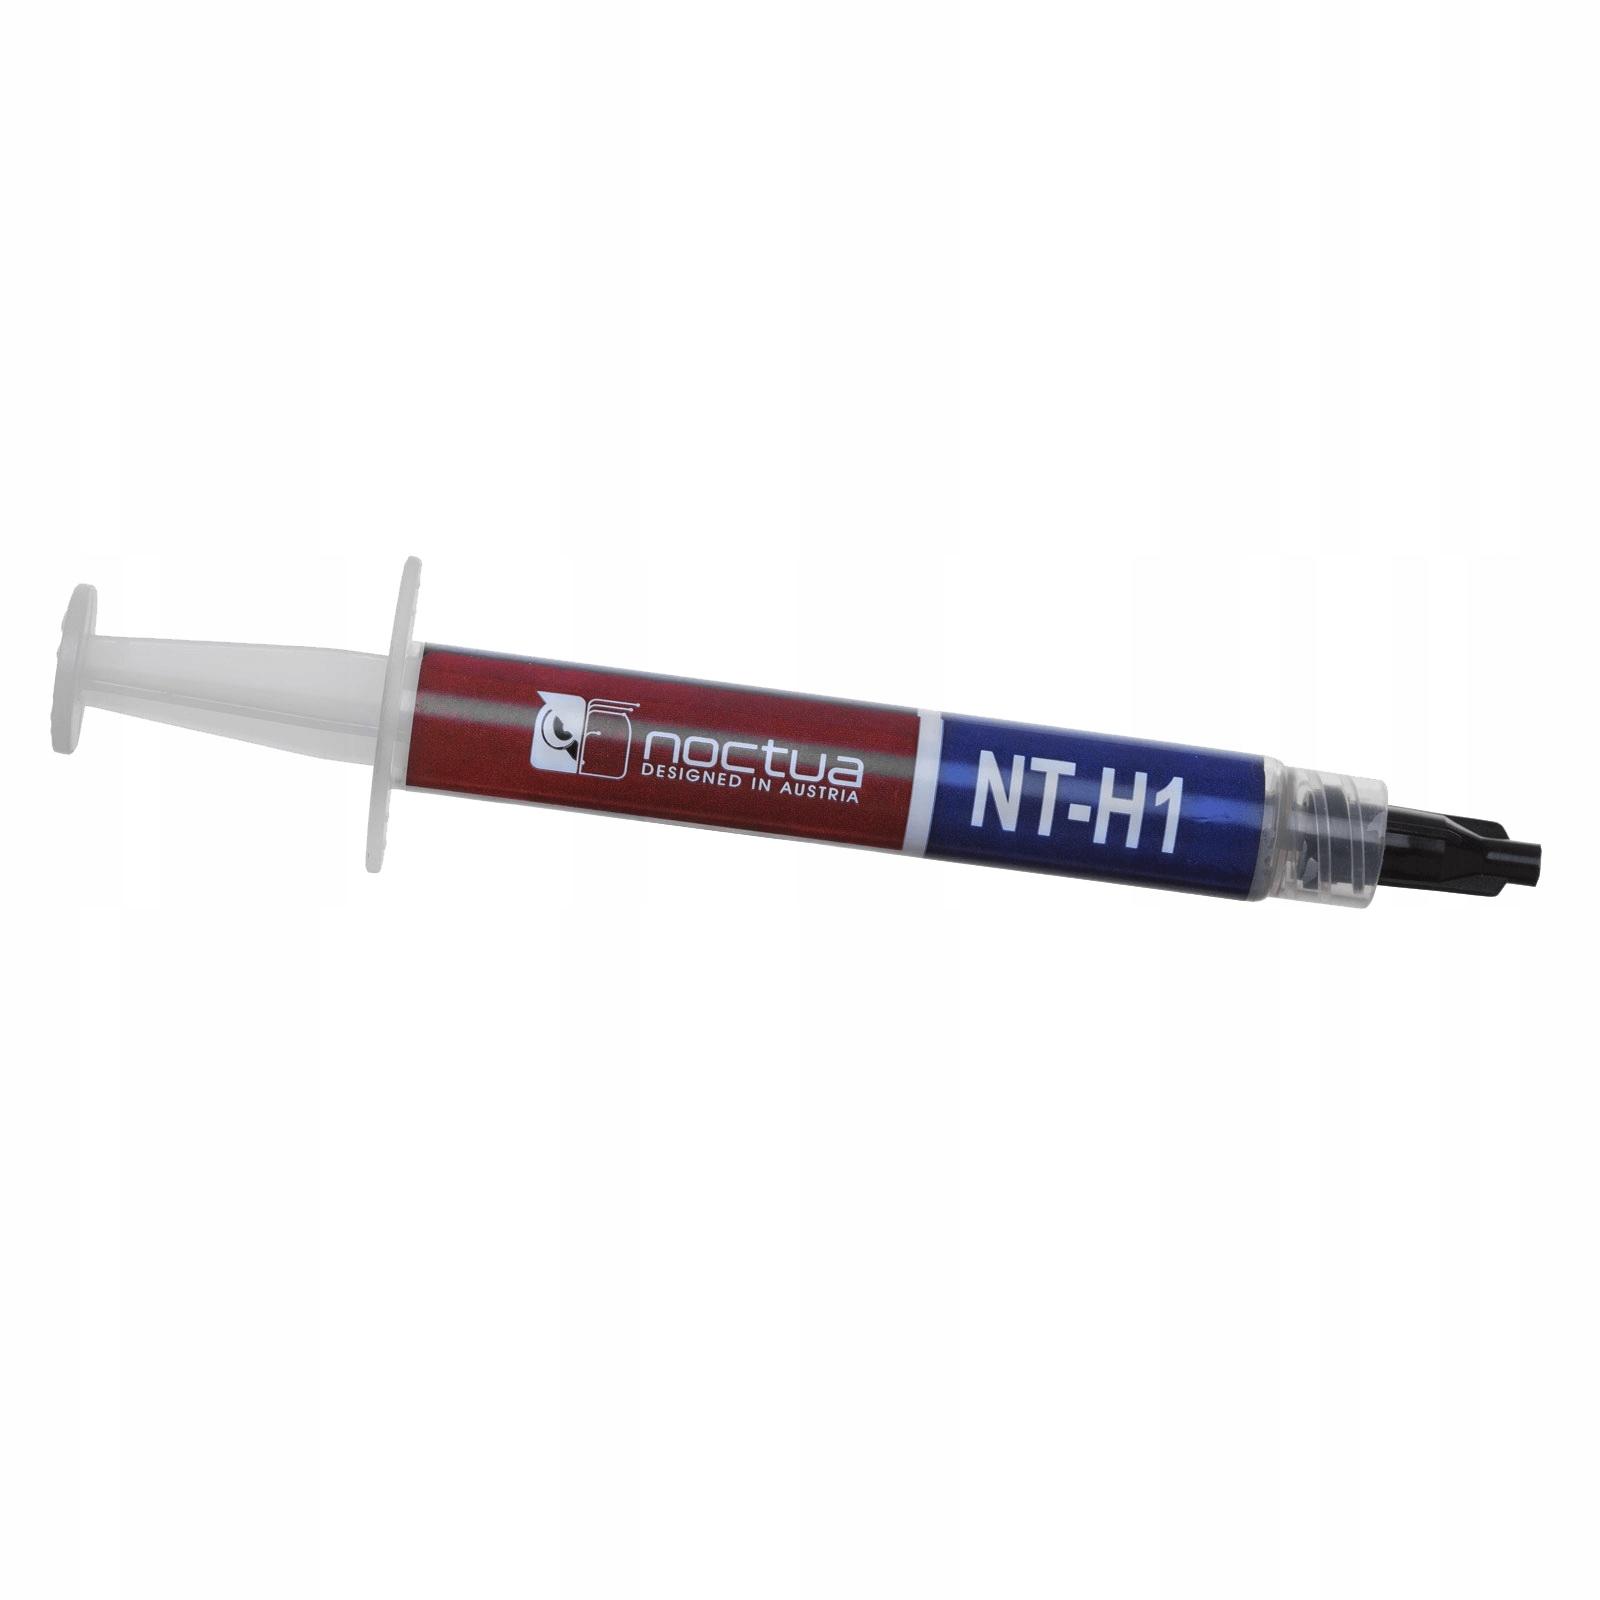 PASTA TERMOPRZEWODZąCA NOCTUA NT-H1 3.5G